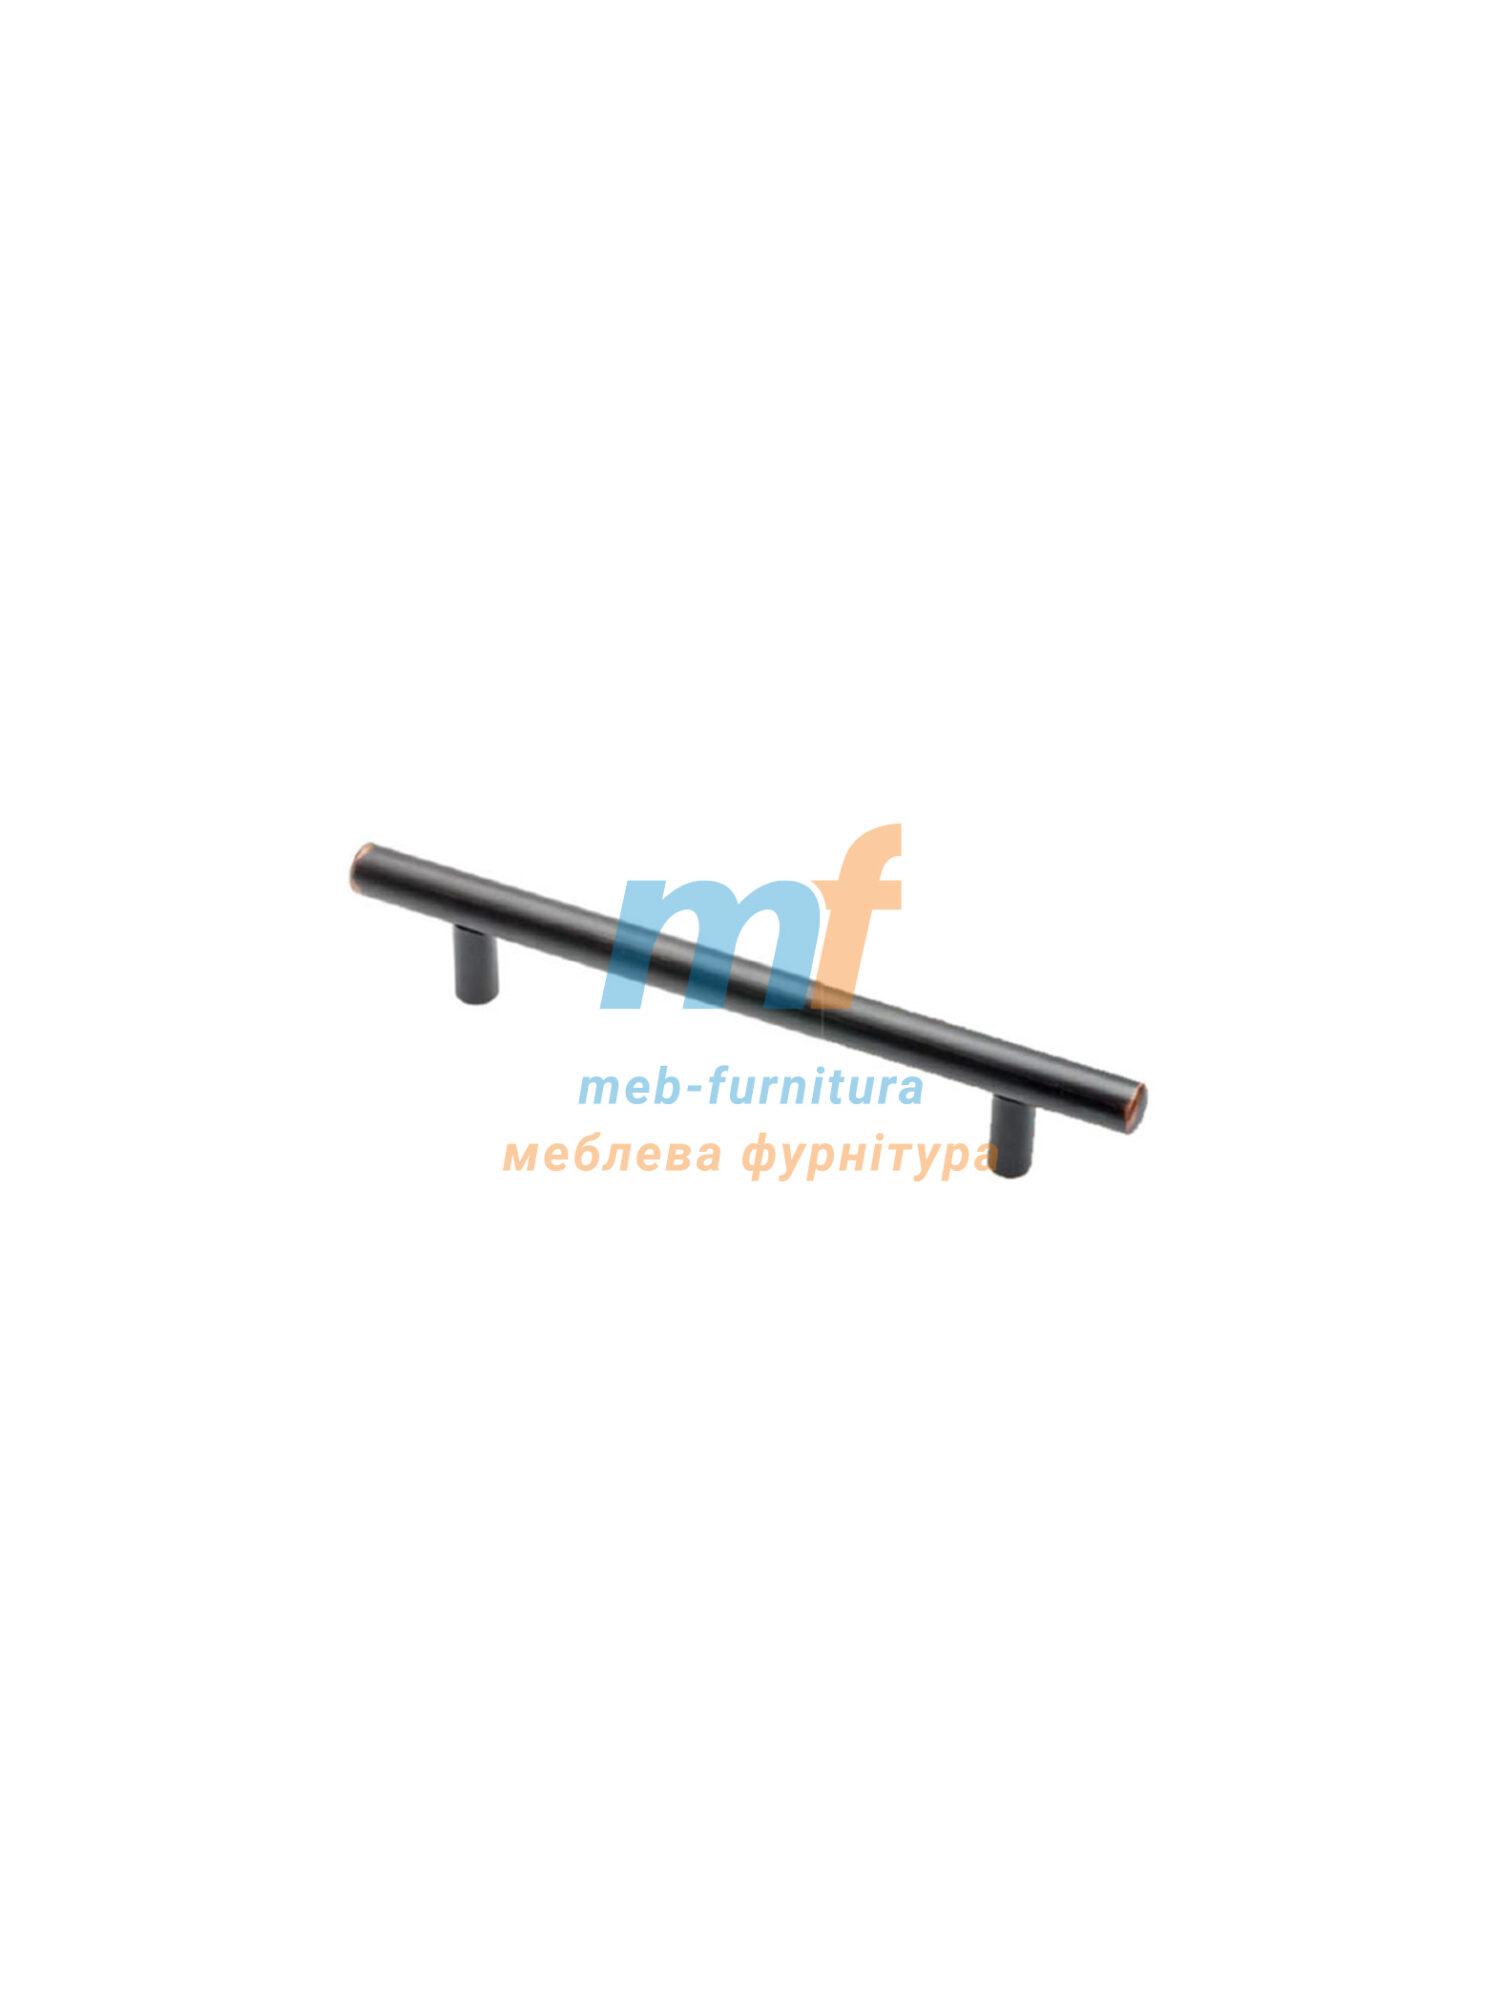 Ручка мебельная релинг 320мм - черная